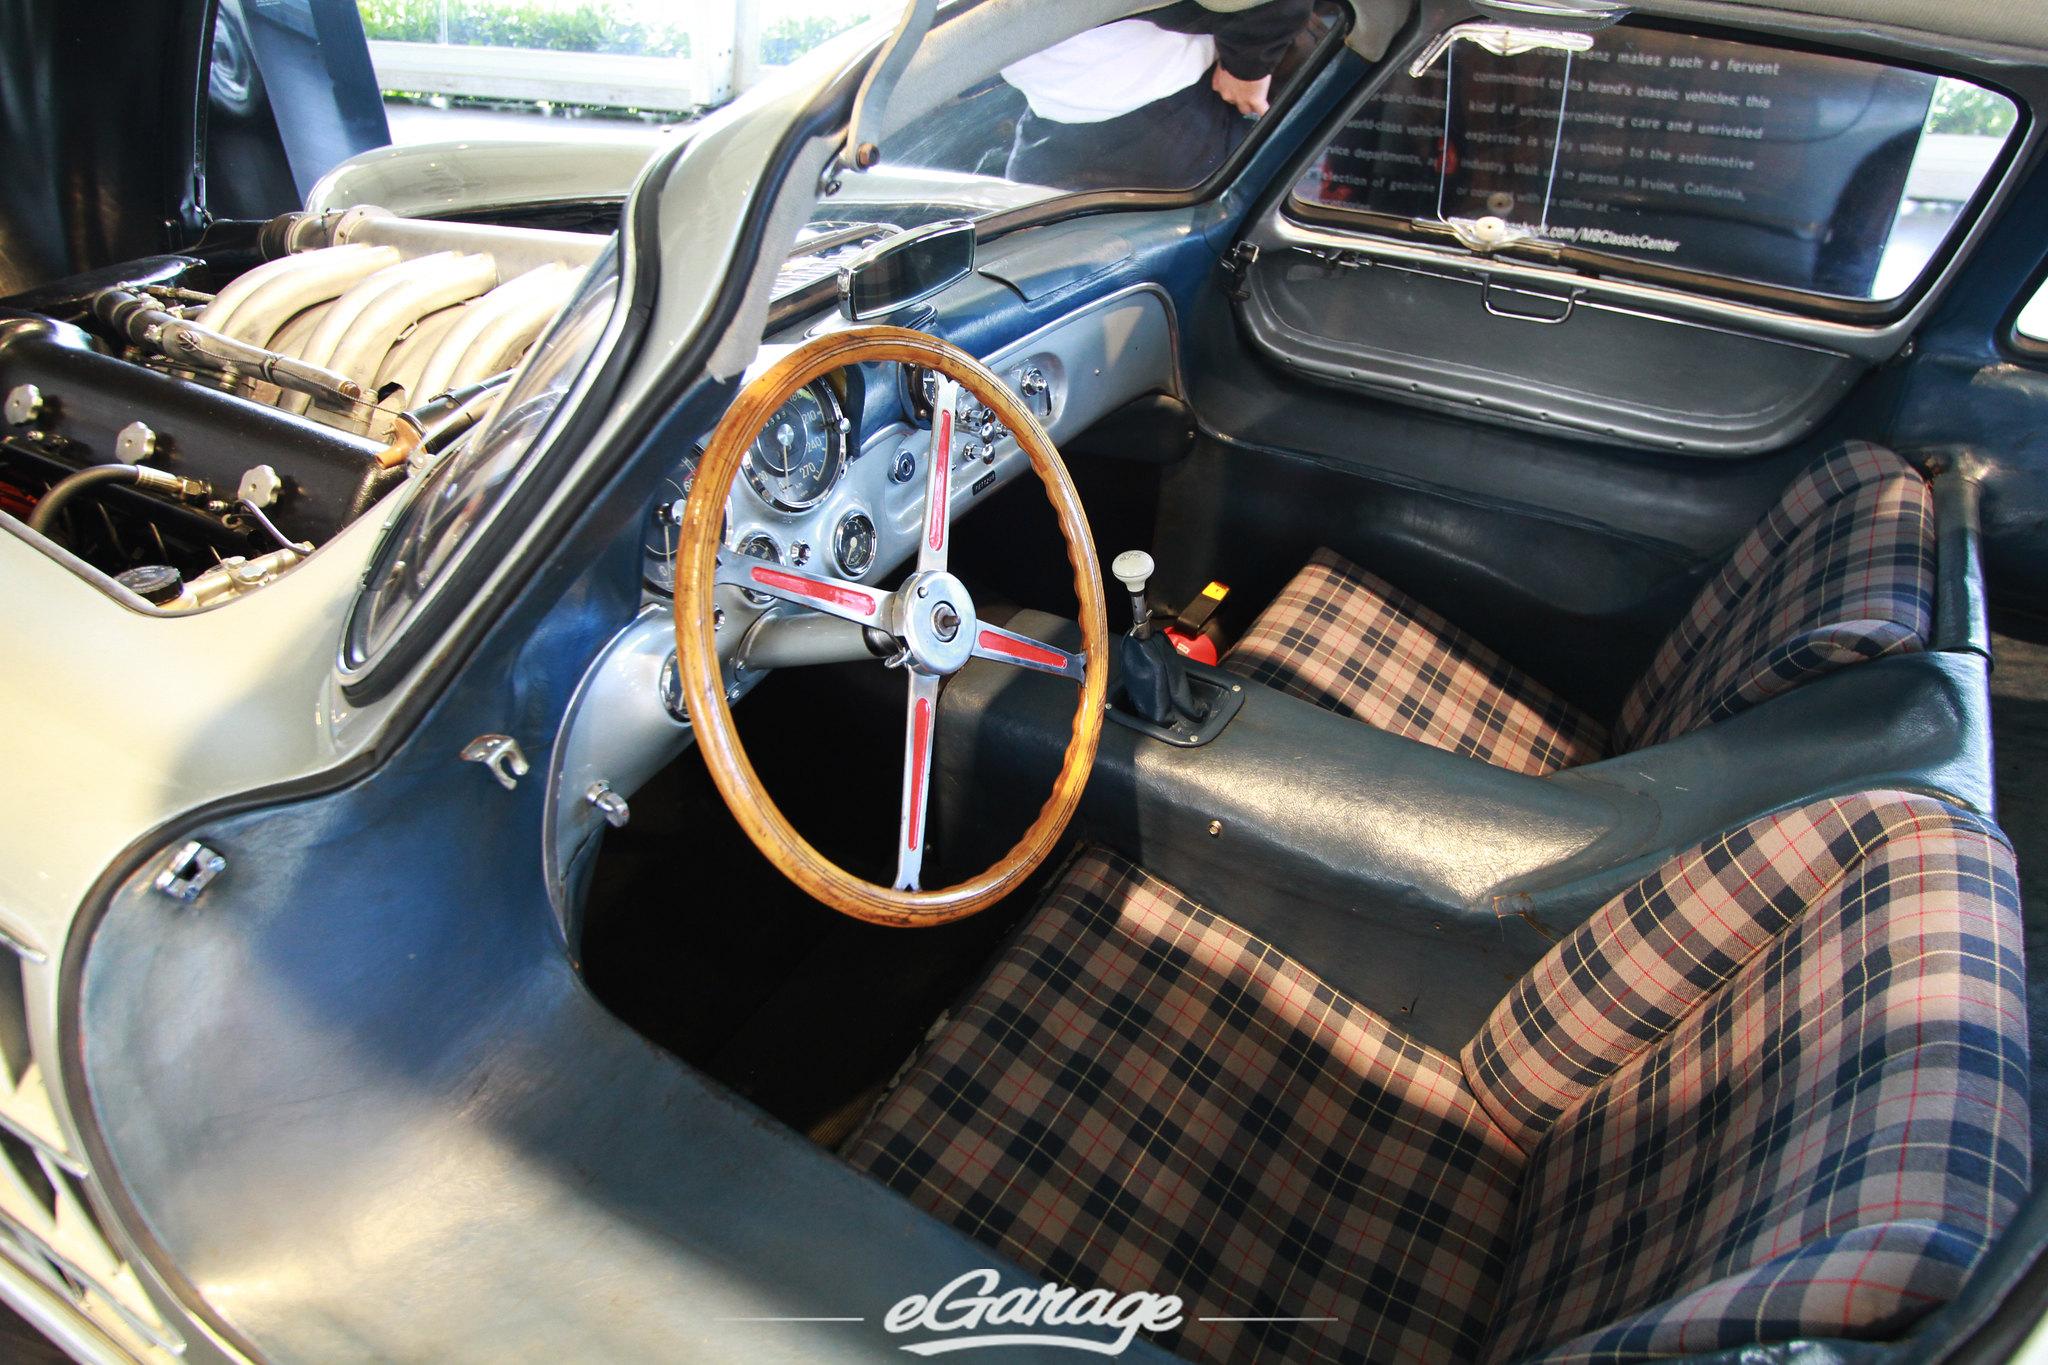 7828926972 43de499e48 k Mercedes Benz Classic